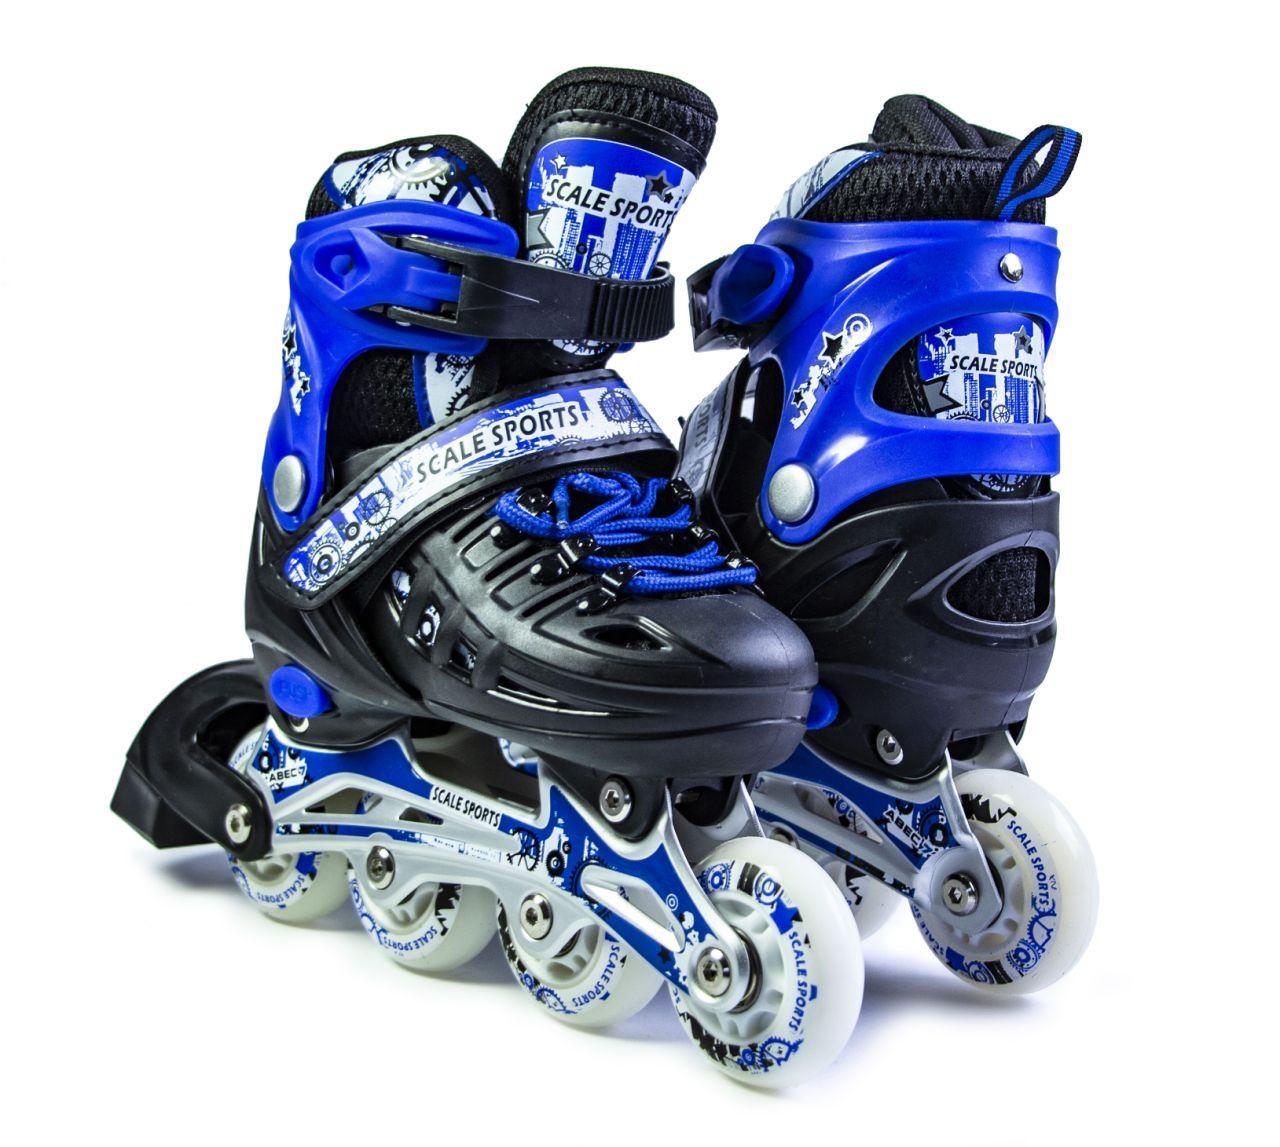 Ролики Scale Sports Blue LF 905, размер 34-37